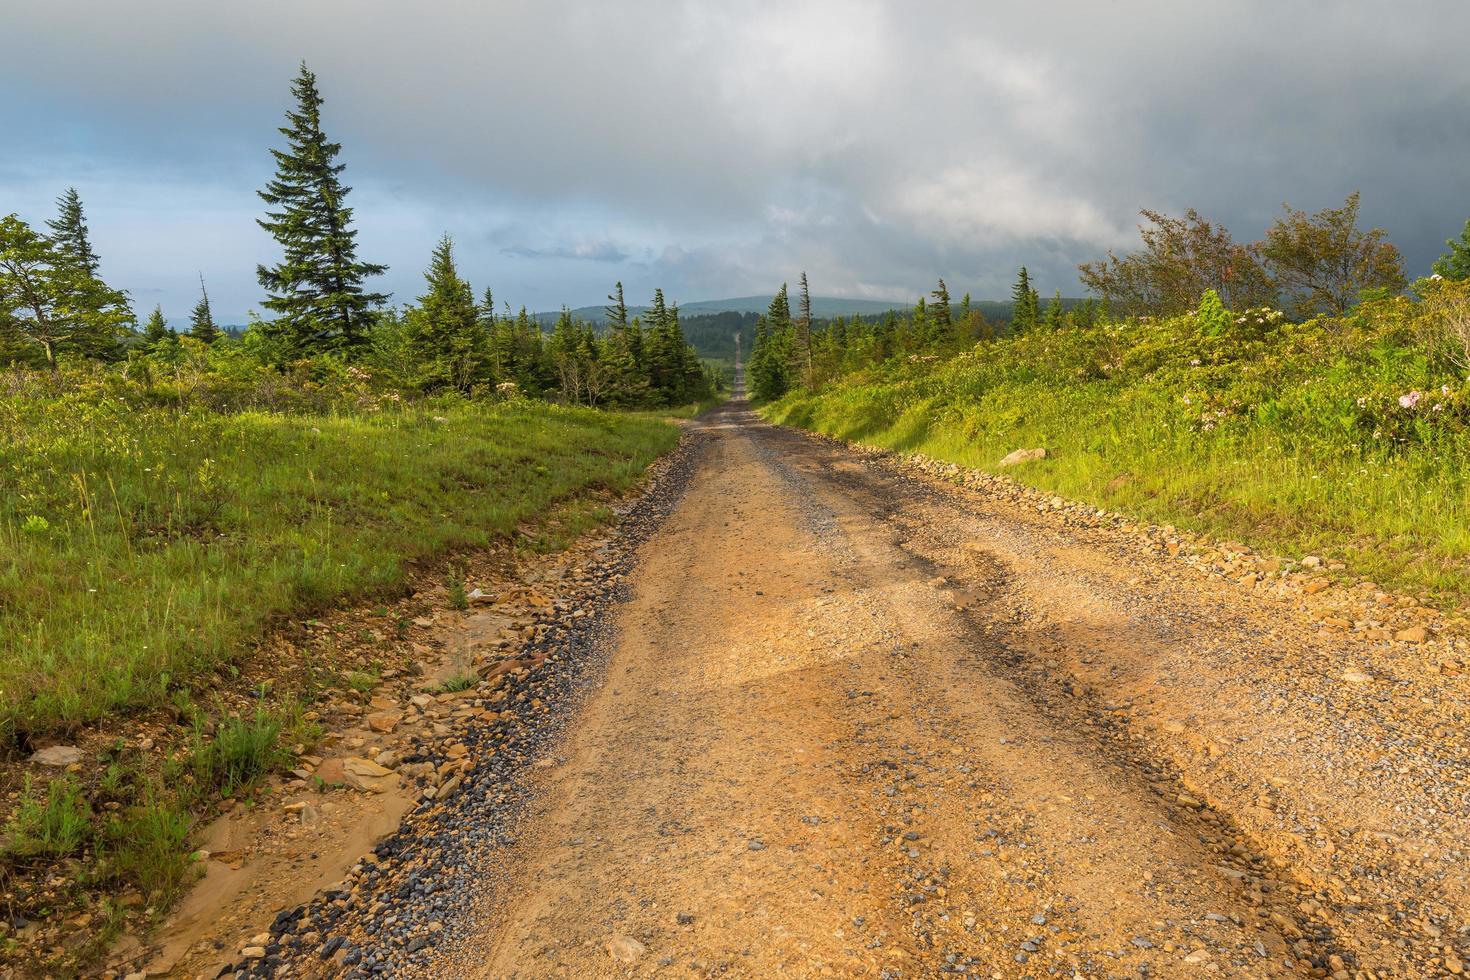 onverharde weg door een bos foto